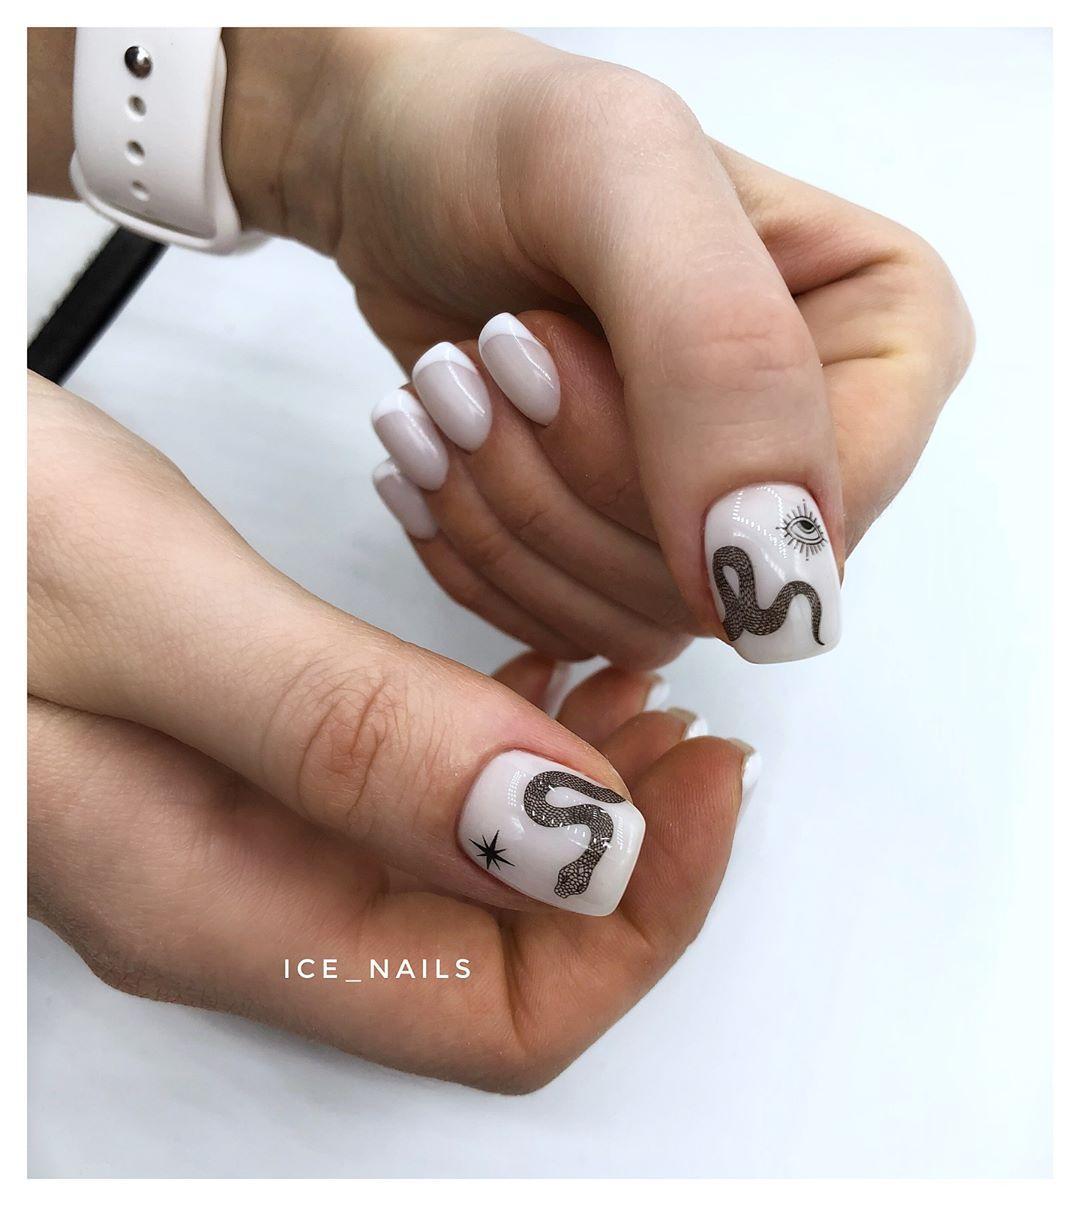 Змеи на ногтях фото_21